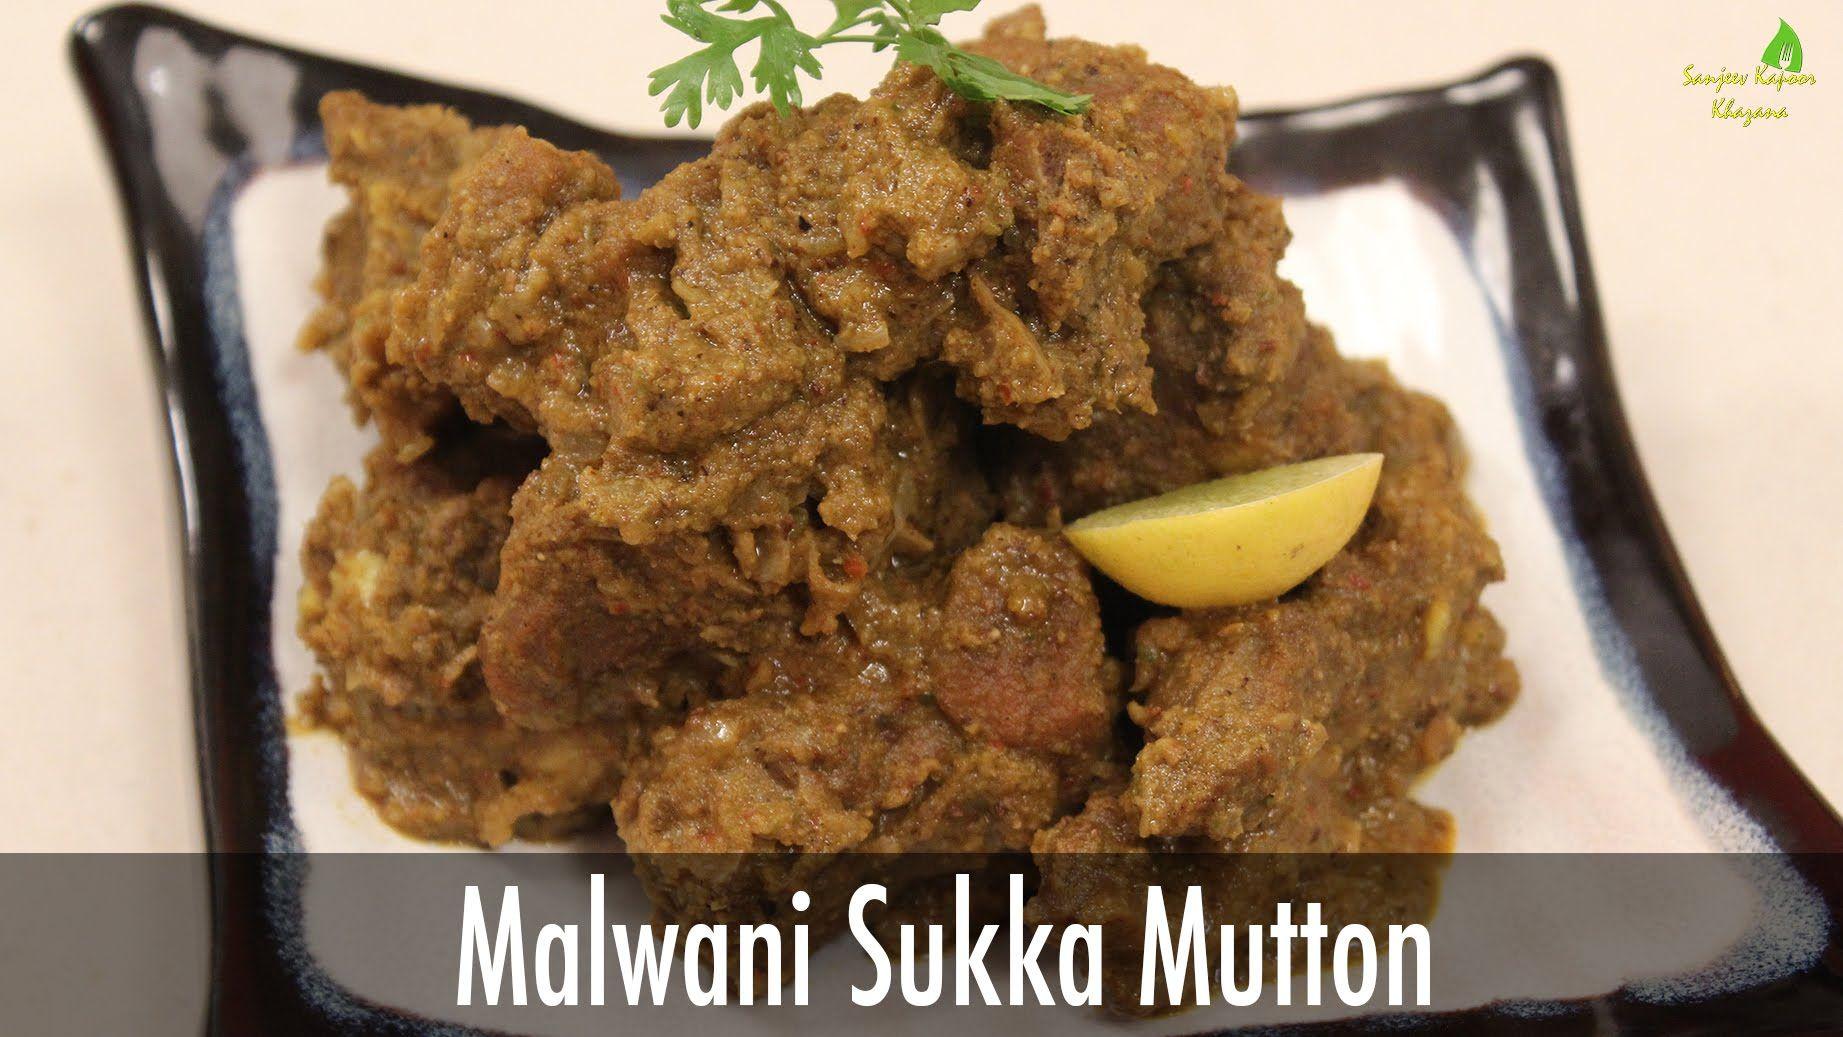 Malwani sukka mutton indian recipe sanjeev kapoor khazana malwani sukka mutton indian recipe sanjeev kapoor khazana forumfinder Images